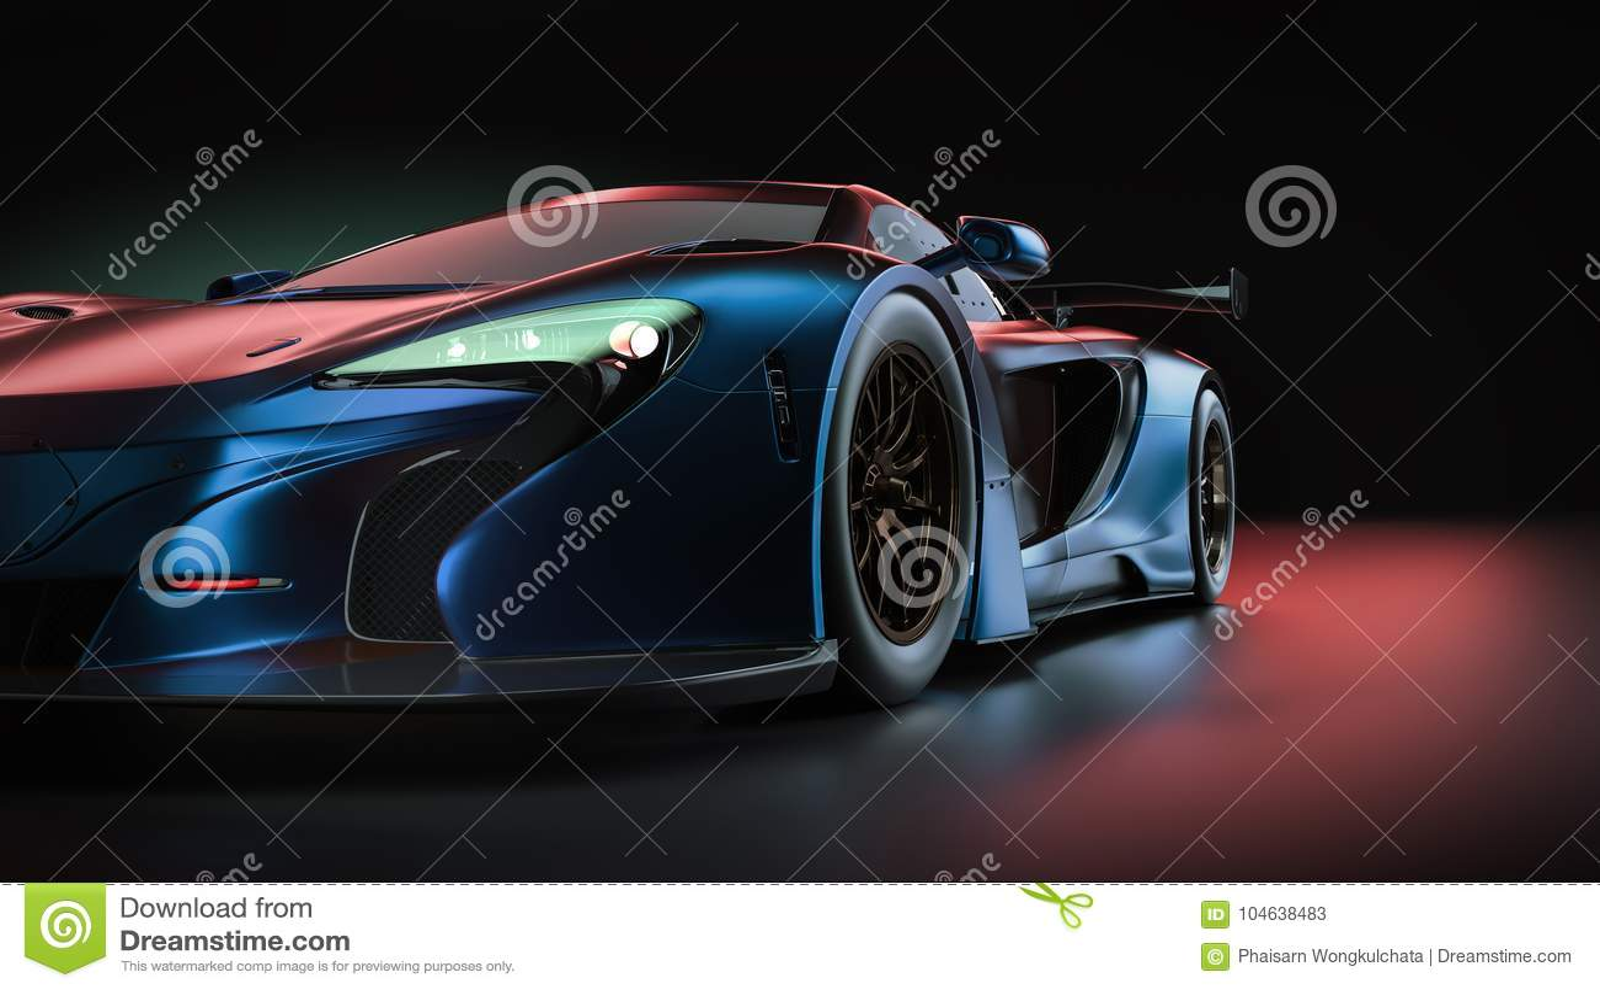 Έξοχο αυτοκίνητο ηλεκτρικής δύναμης